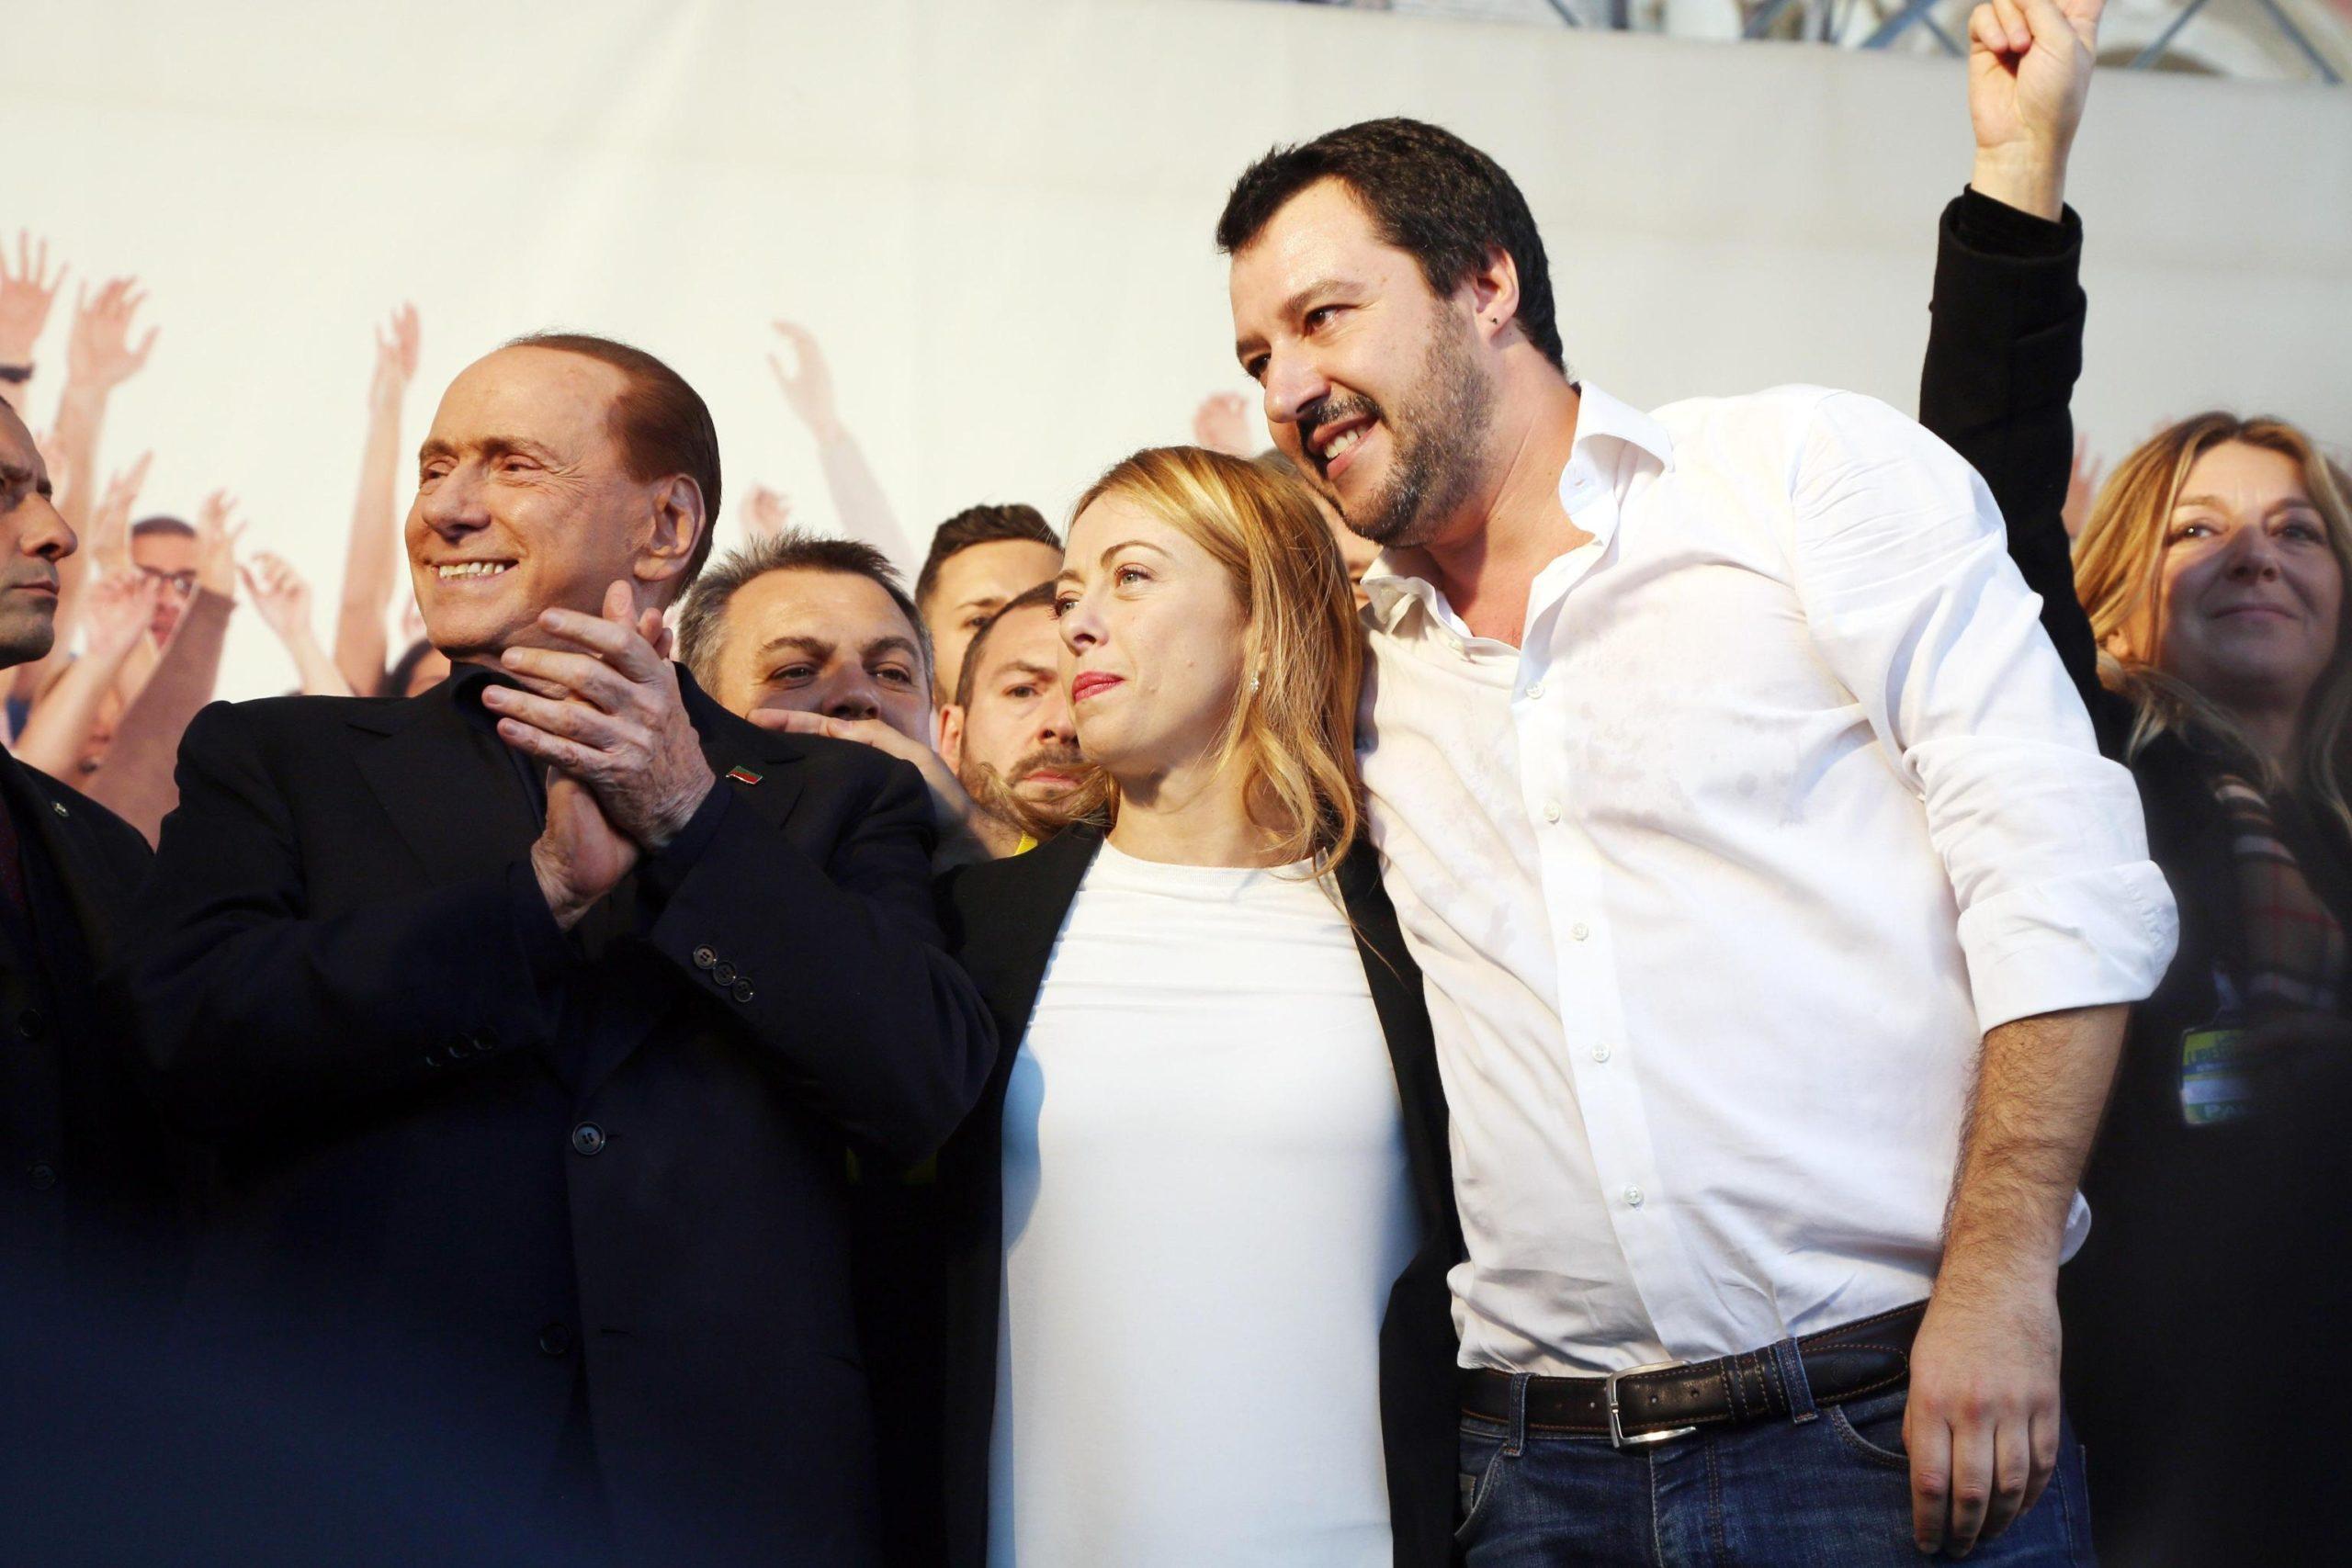 La destra italiana deve fare i conti con la storia. E dividersi